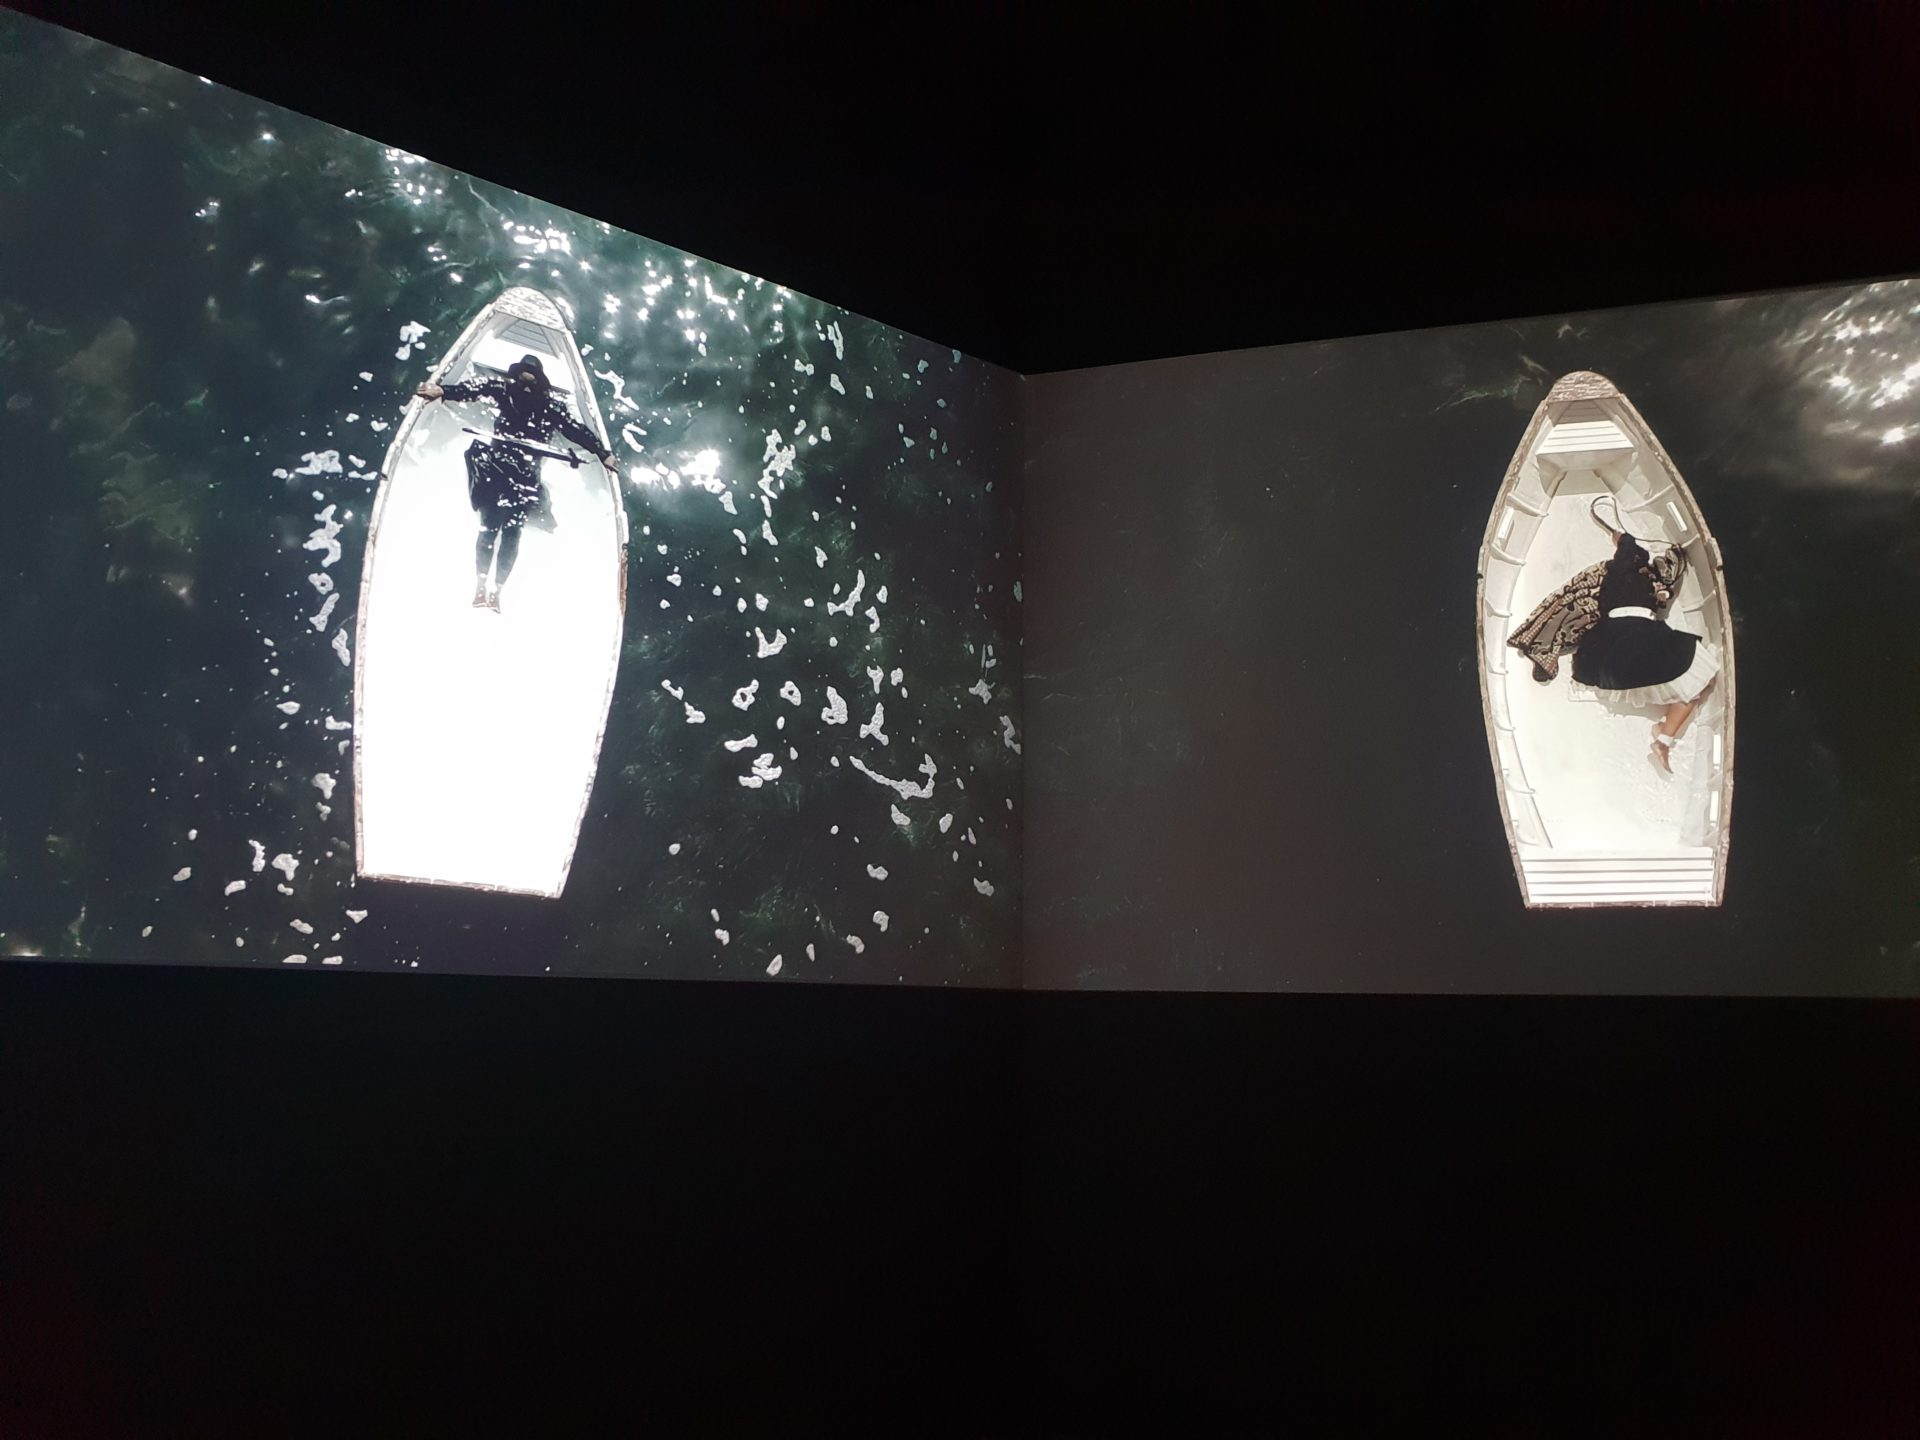 圖2 Mohau Modisakeng的錄像藝術〈中途〉,哀弔於奴隸販運中失去國家、認同與生命的非洲人 (攝影者/陳佳利)